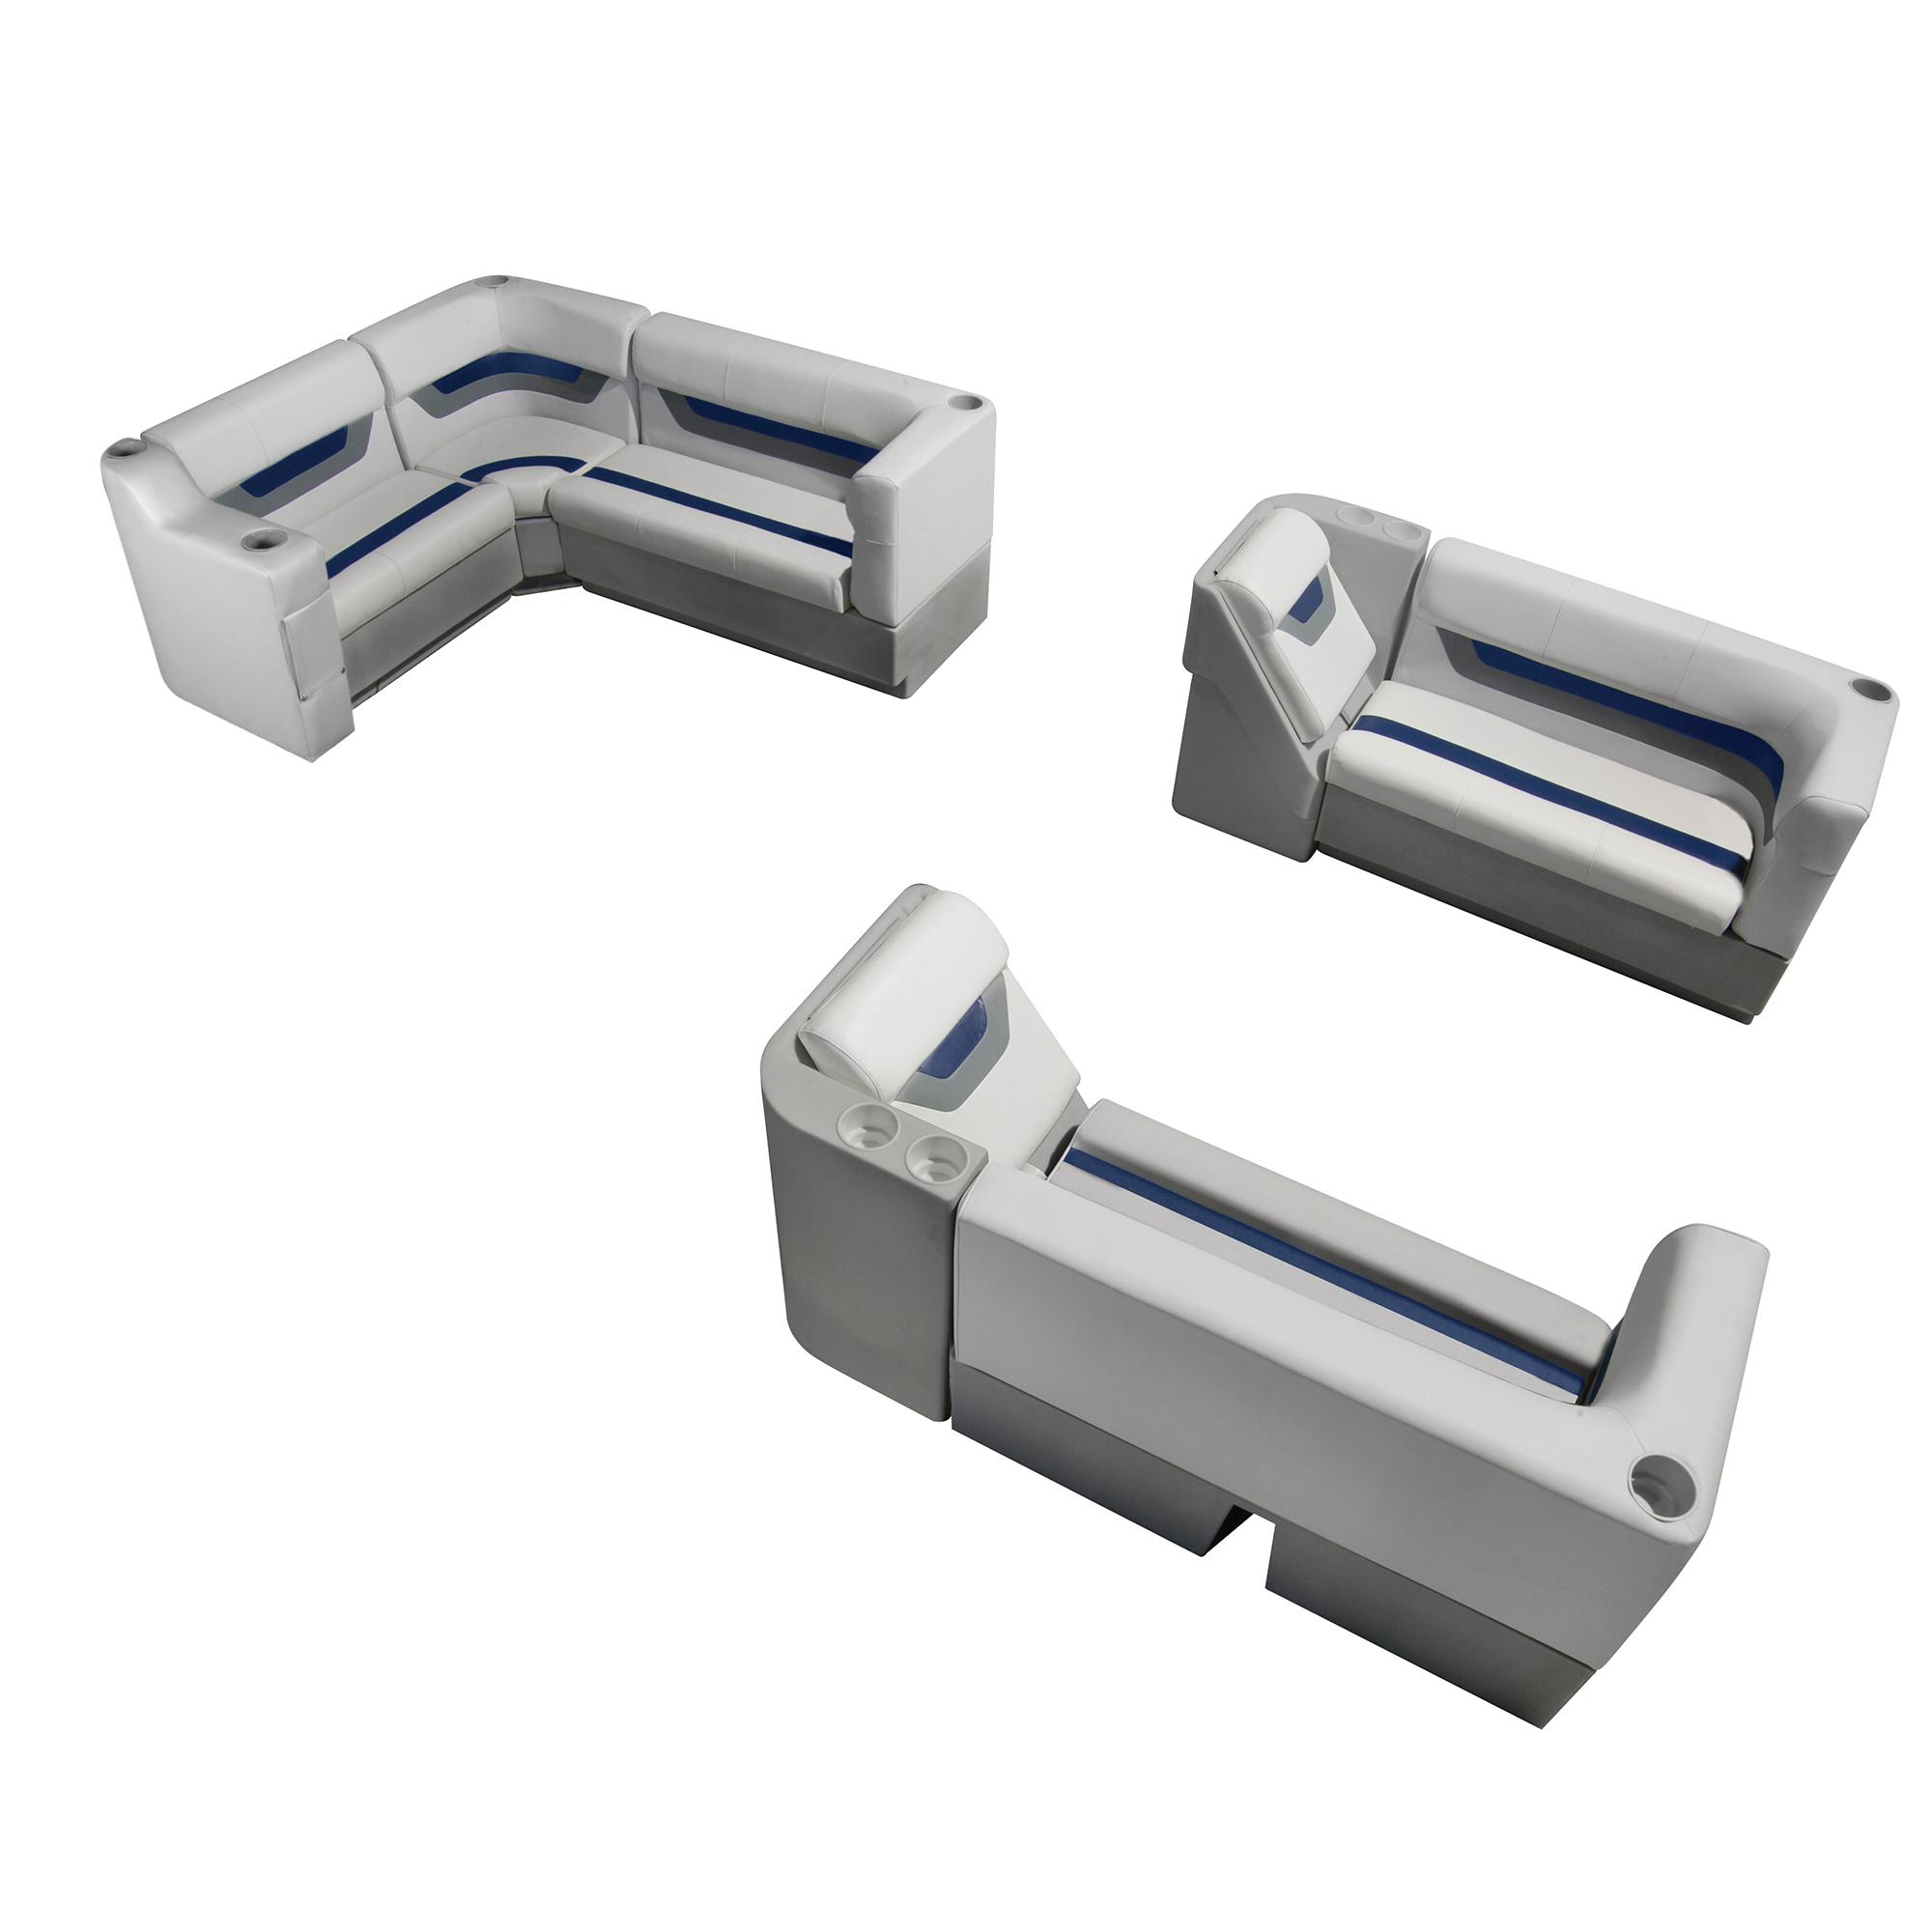 Designer Pontoon Furniture - Complete Lounger Package, Sky Gray/Navy